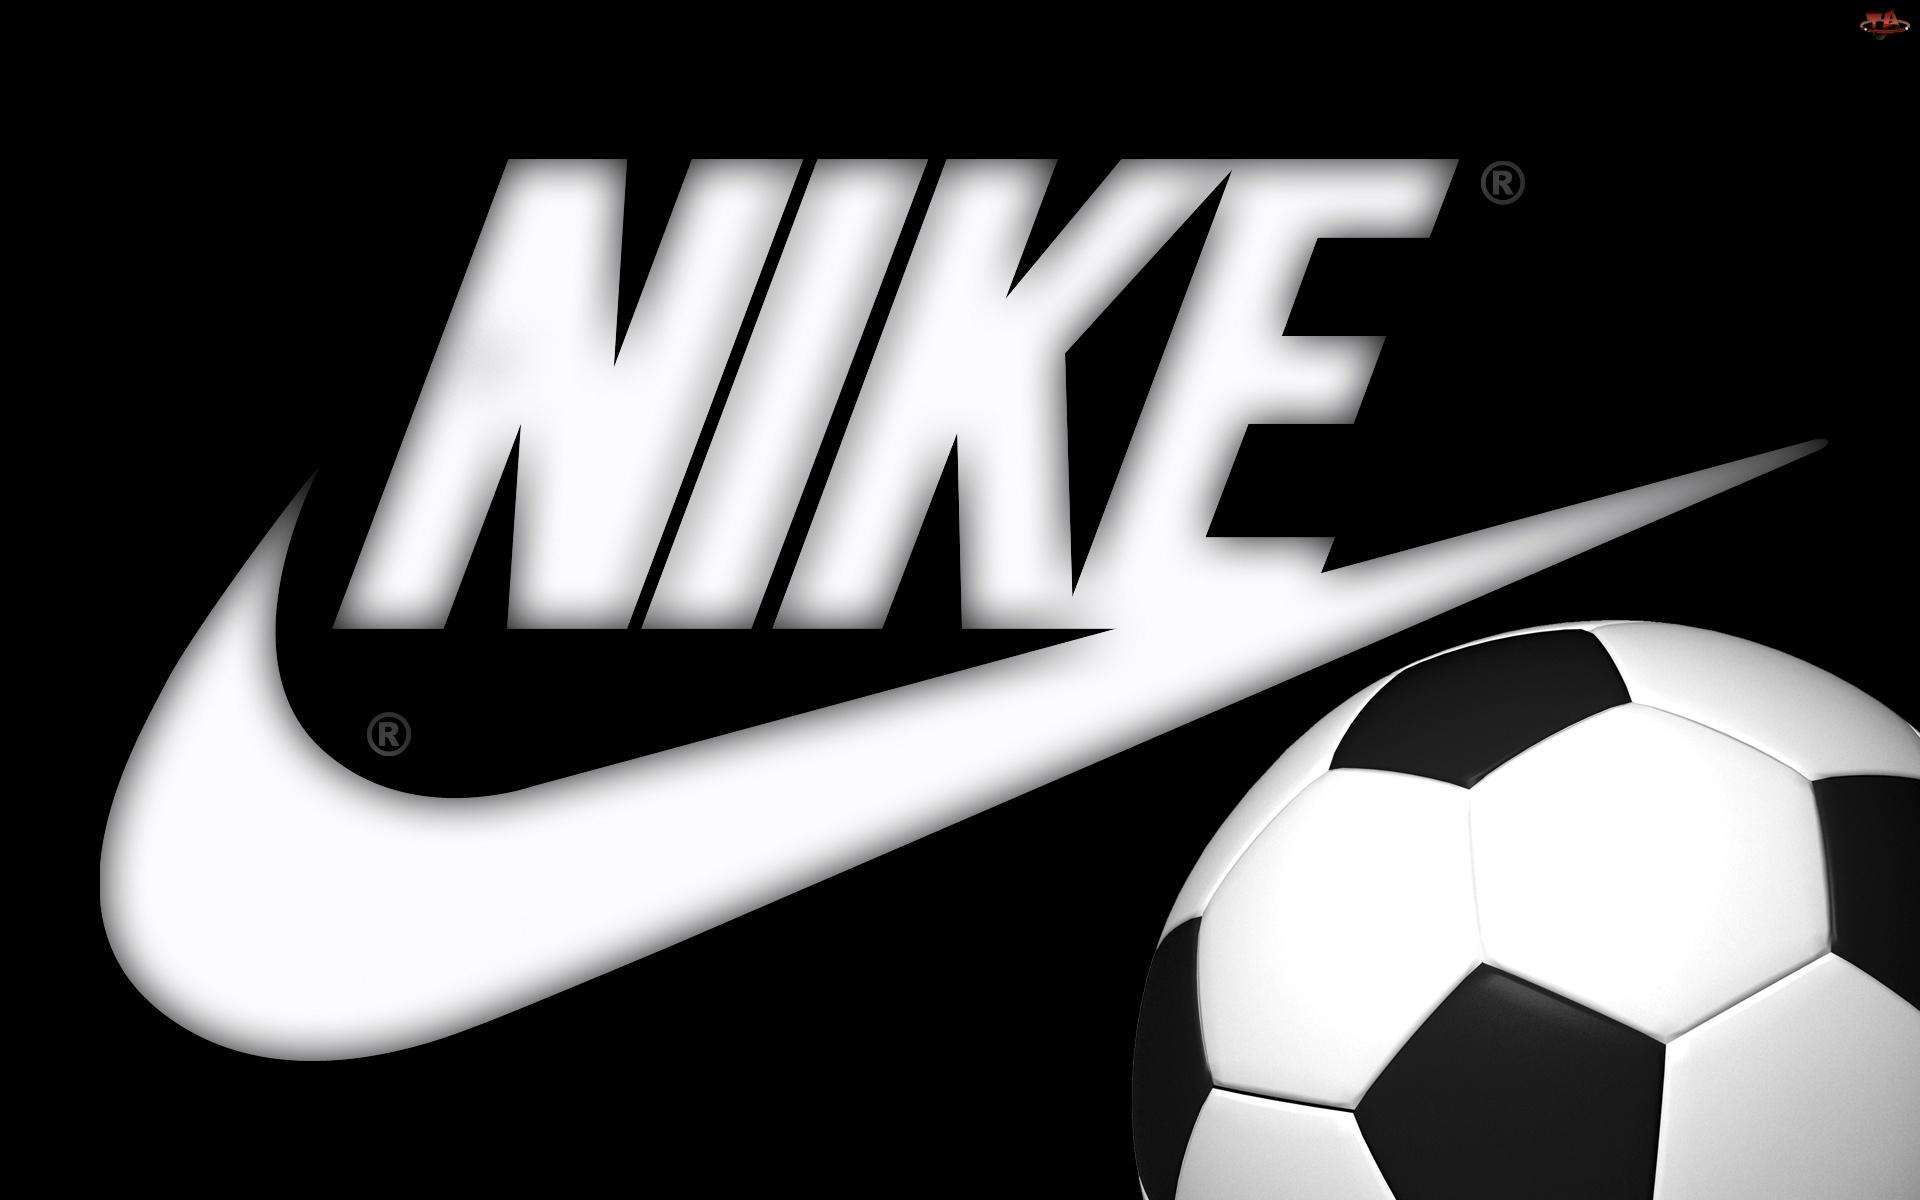 Piłka, Czarne, Logo, Tło, Nike